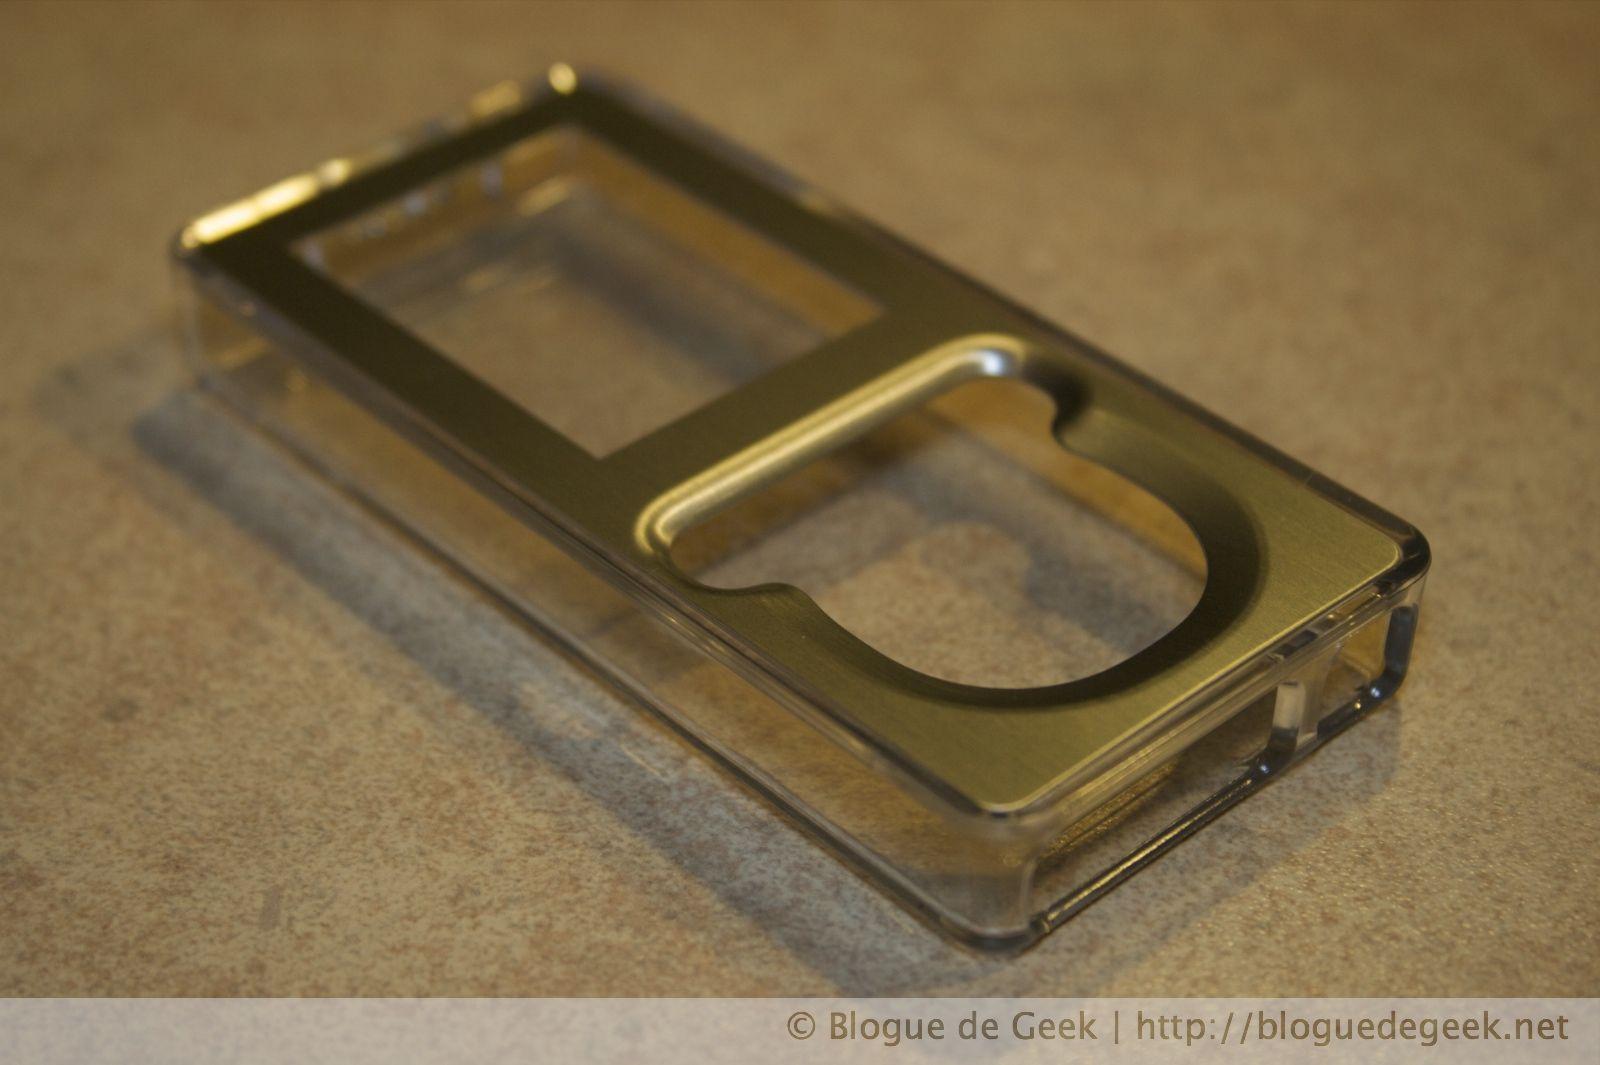 img 26362 - Belkin Remix Metal, étui en acrylique pour le Zune 4/8Go [Évaluation]